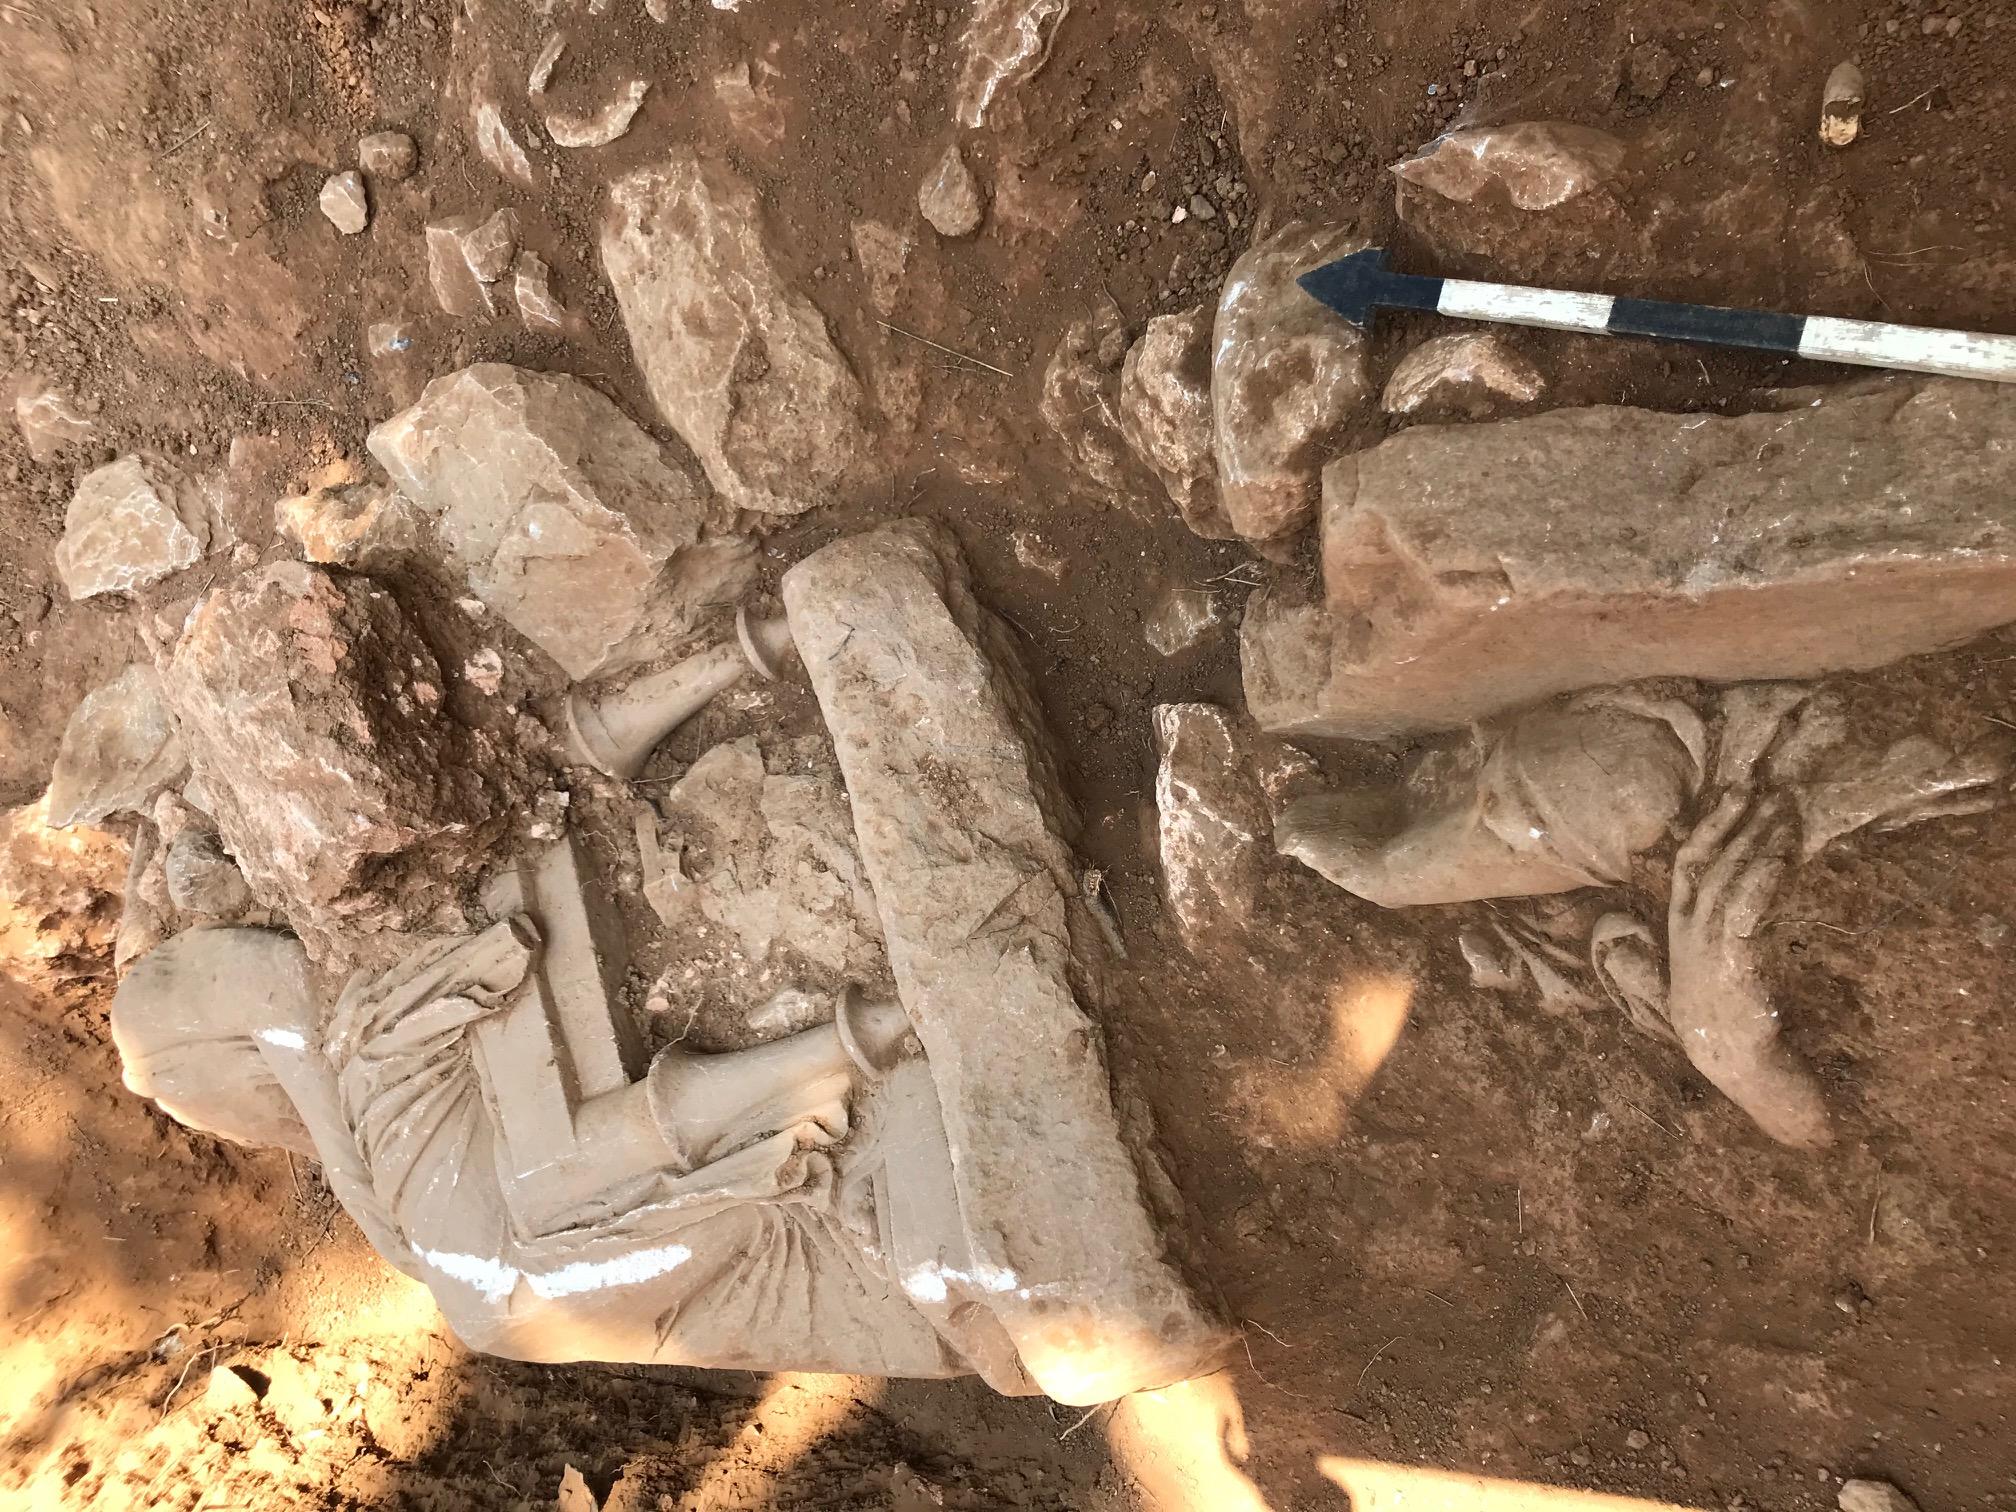 Археологи нашли древние статуи неподалеку от аэропорта Афин: им более 2300 лет – фото